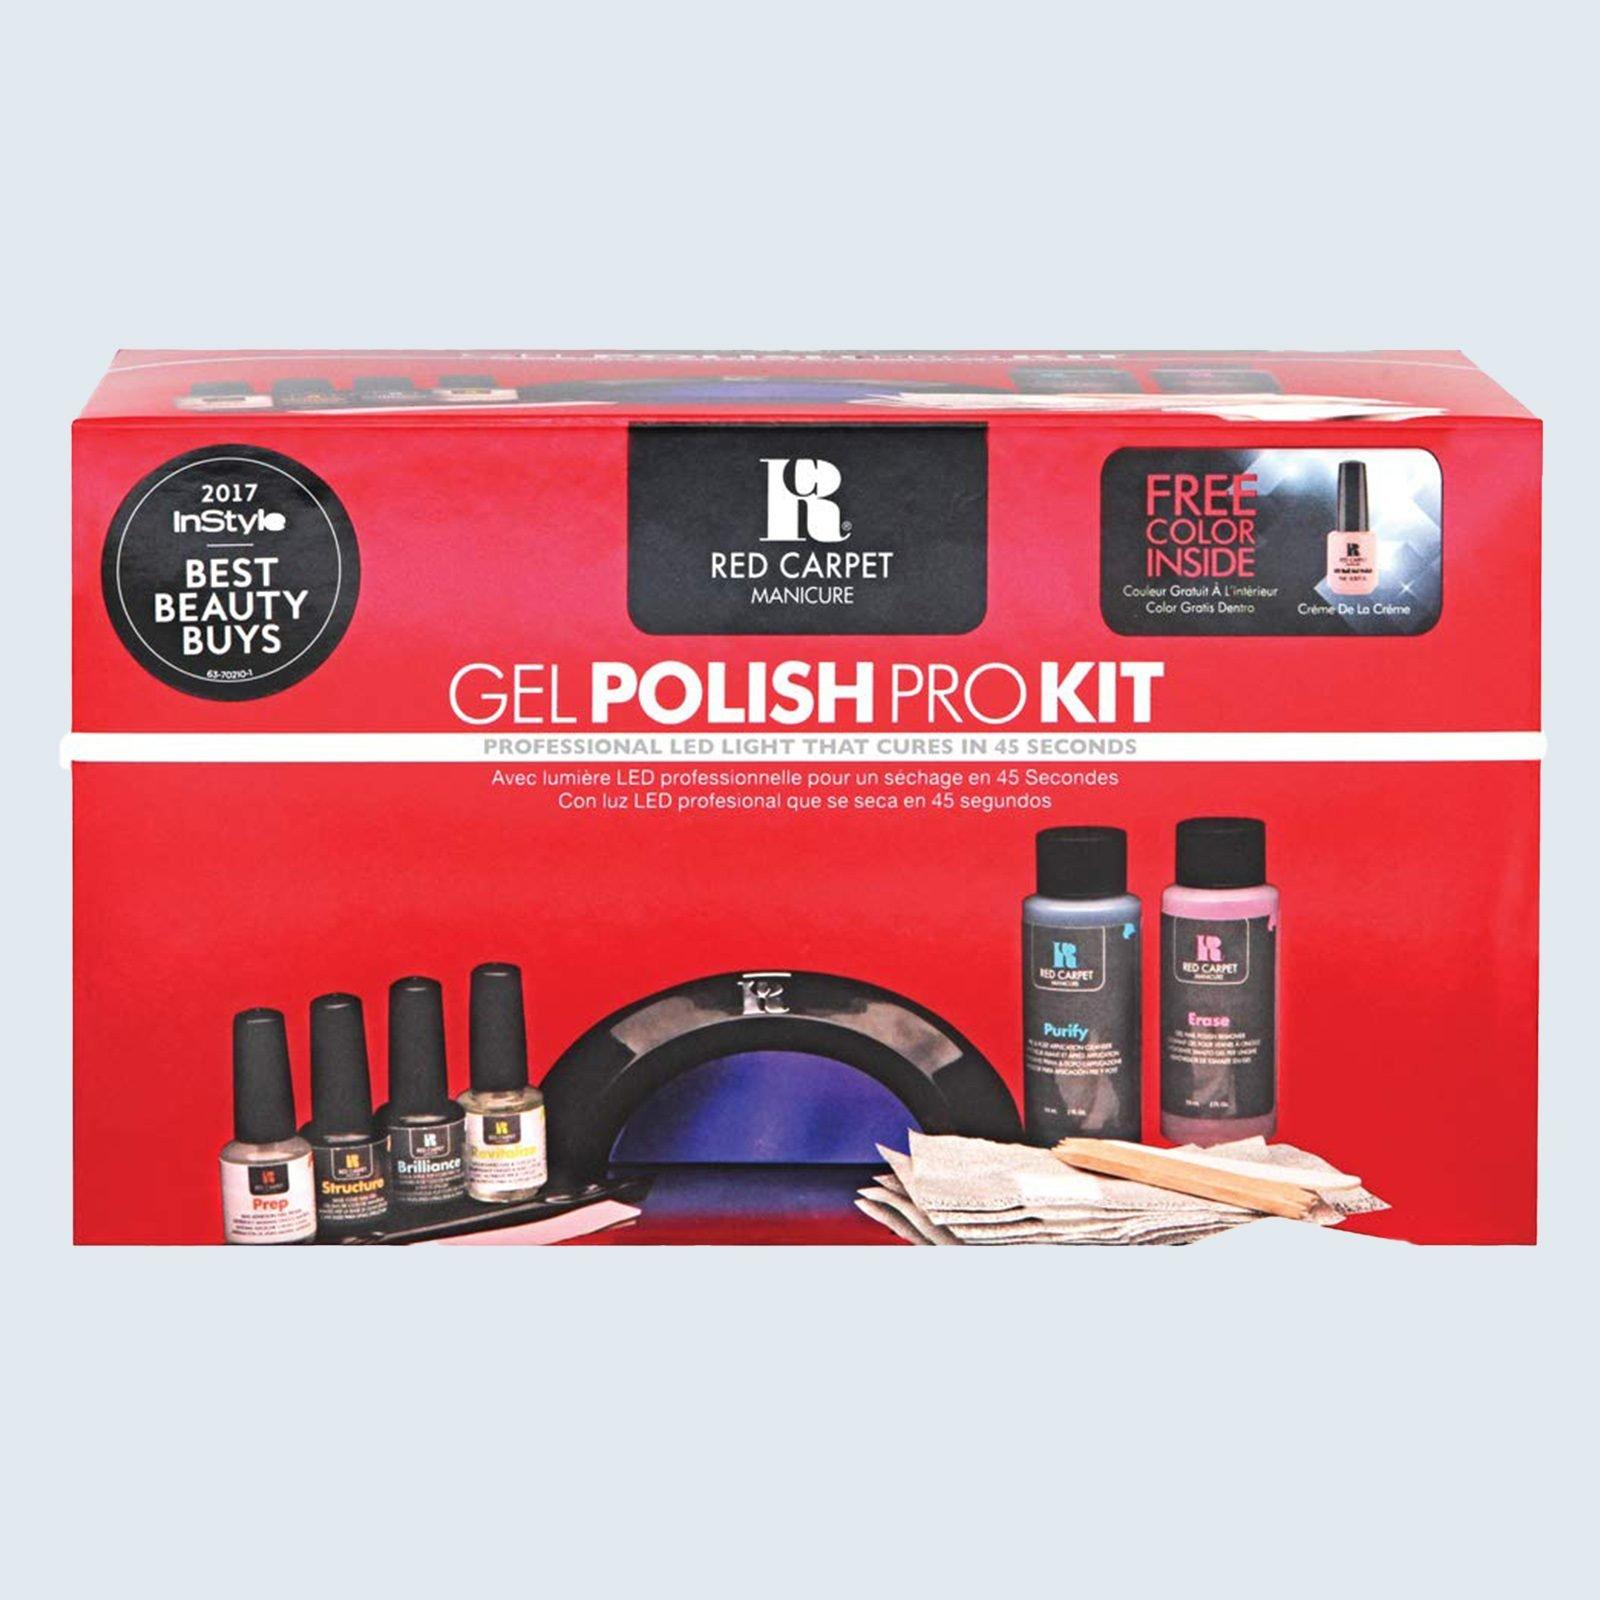 Red Carpet Gel Polish Pro Kit